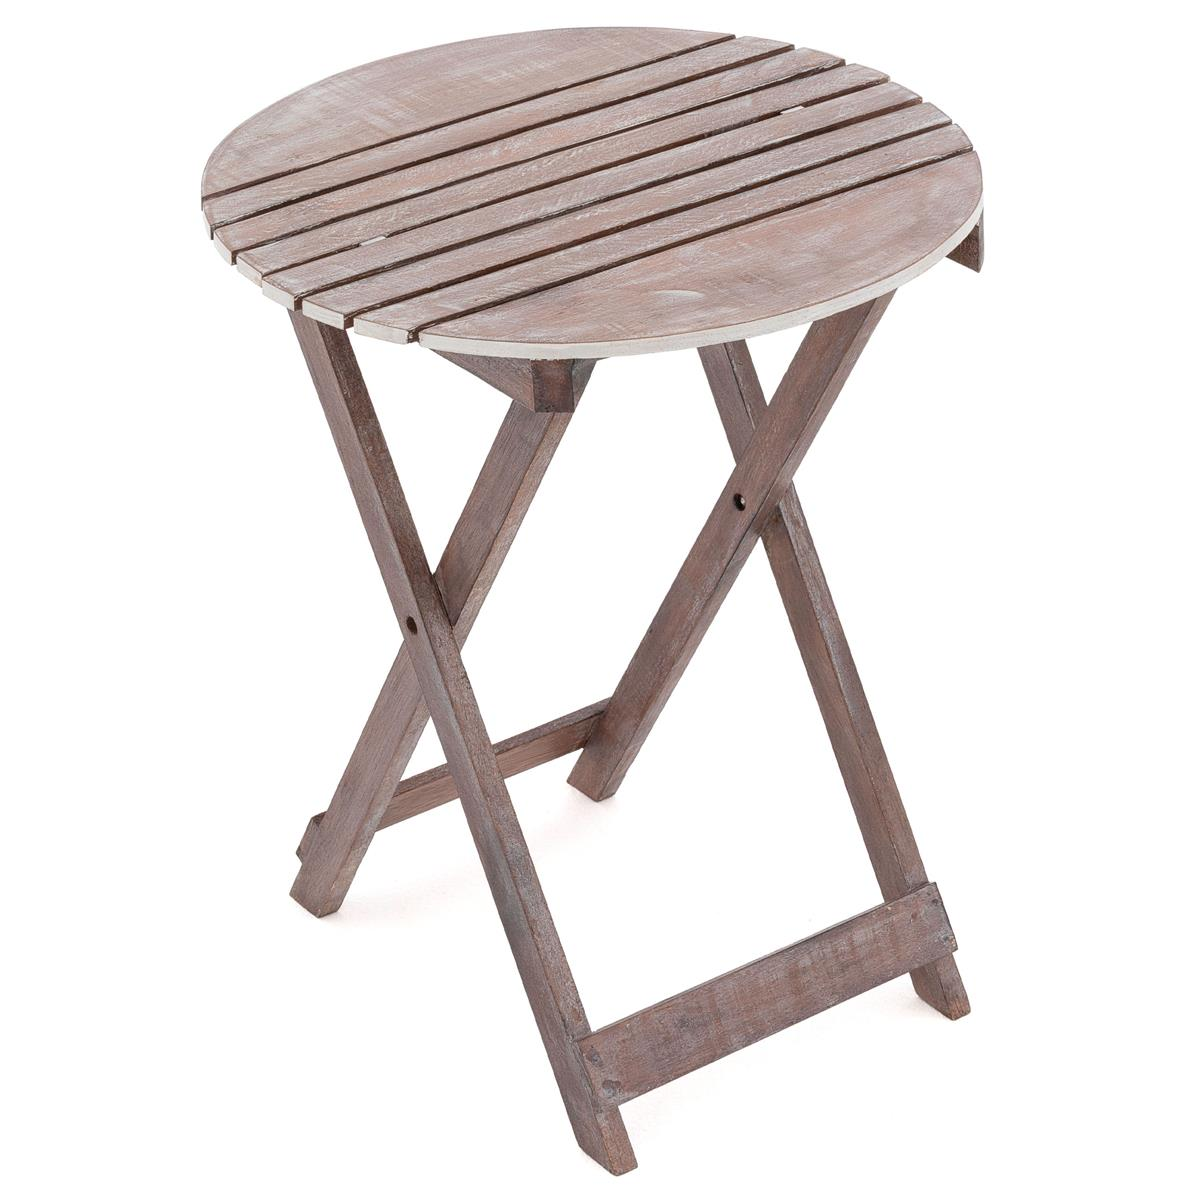 DIVERO Klapptisch Gartentisch Beistelltisch klappbar Holz Vintage rund Ø 50cm